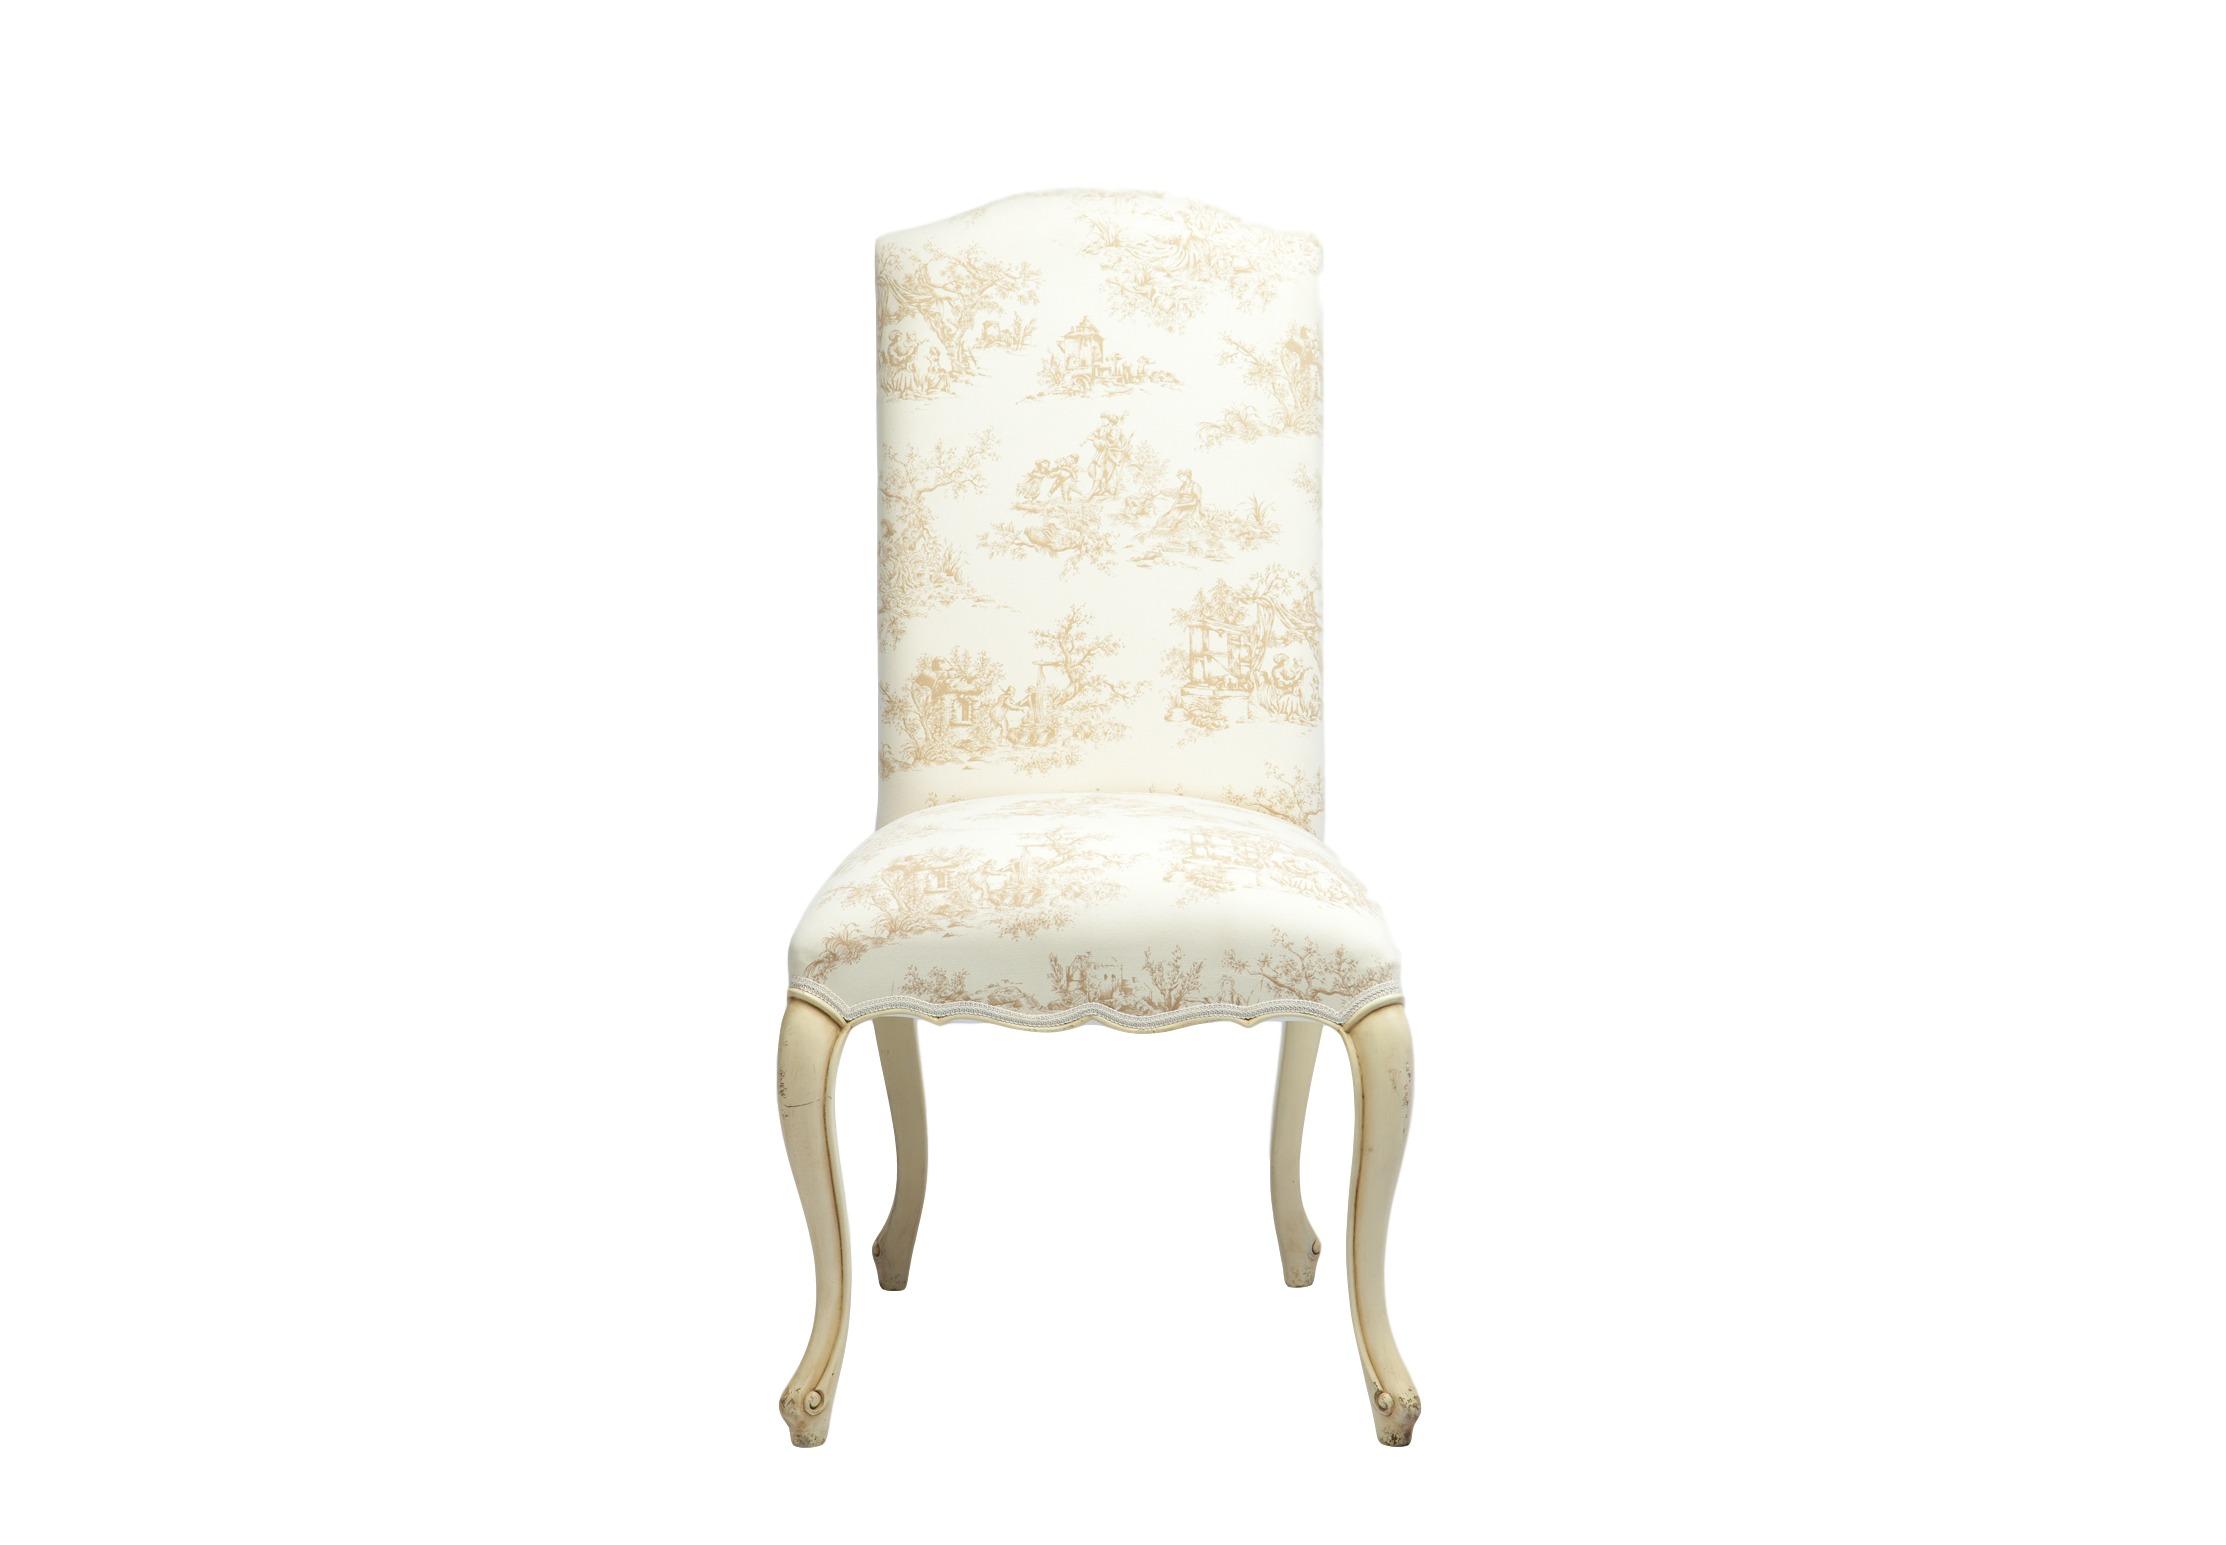 СтулОбеденные стулья<br>Стул обеденный с мягкой спинкой в классическом стиле, ножки декорированы патиной и старением. Обивка с рисунком в стиле Туаль де Жуи.<br><br>Material: Красное дерево<br>Width см: 60<br>Depth см: 56<br>Height см: 108